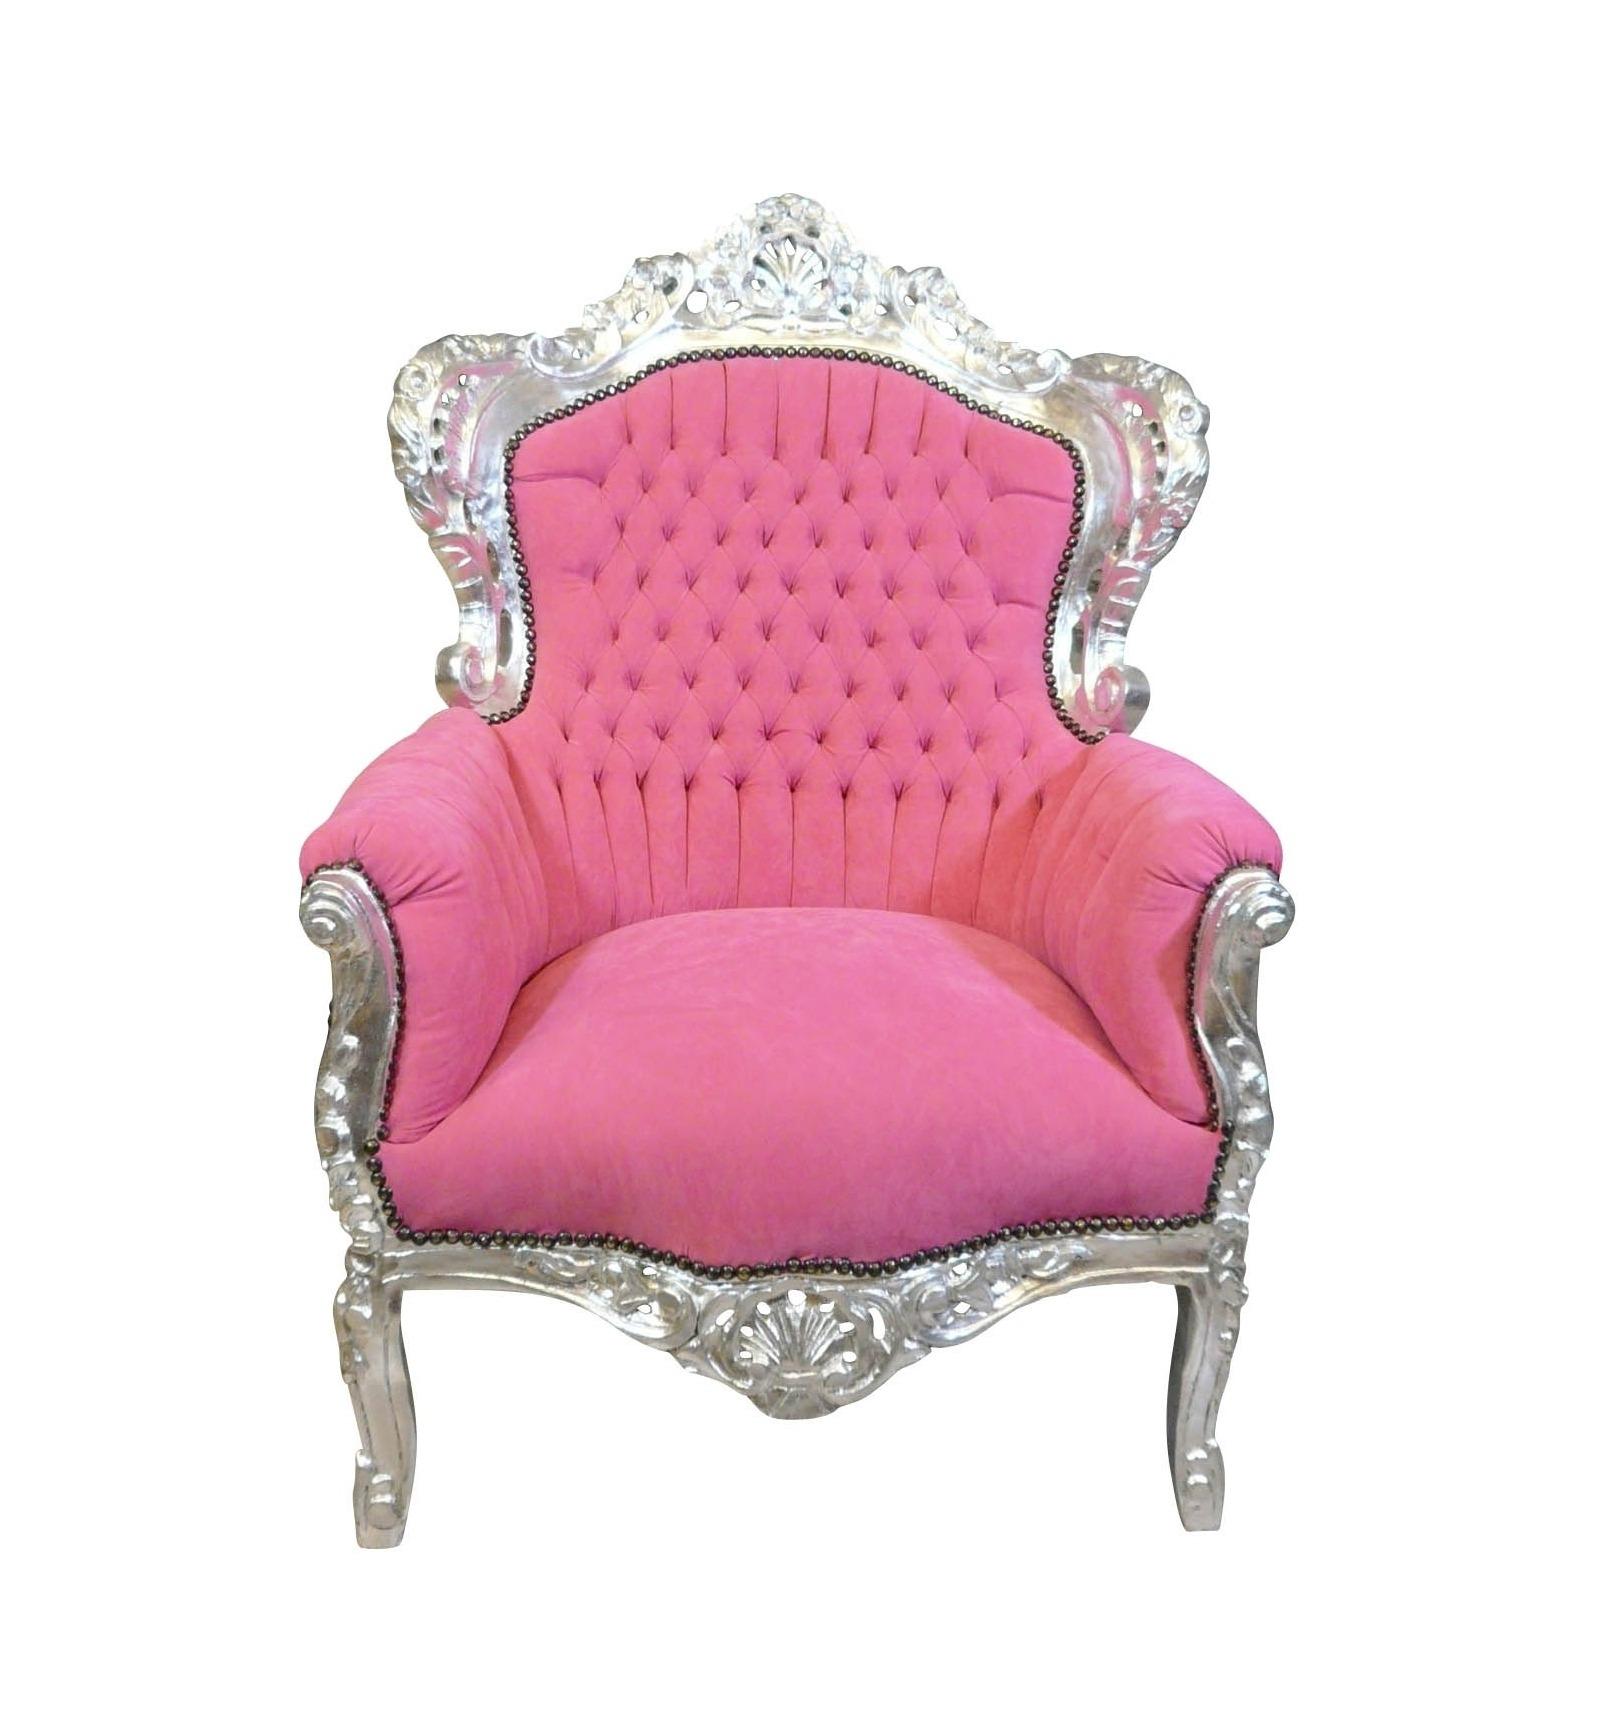 poltrona barocca rosa sedia tavolo mobili e conveniente On poltrona barocca